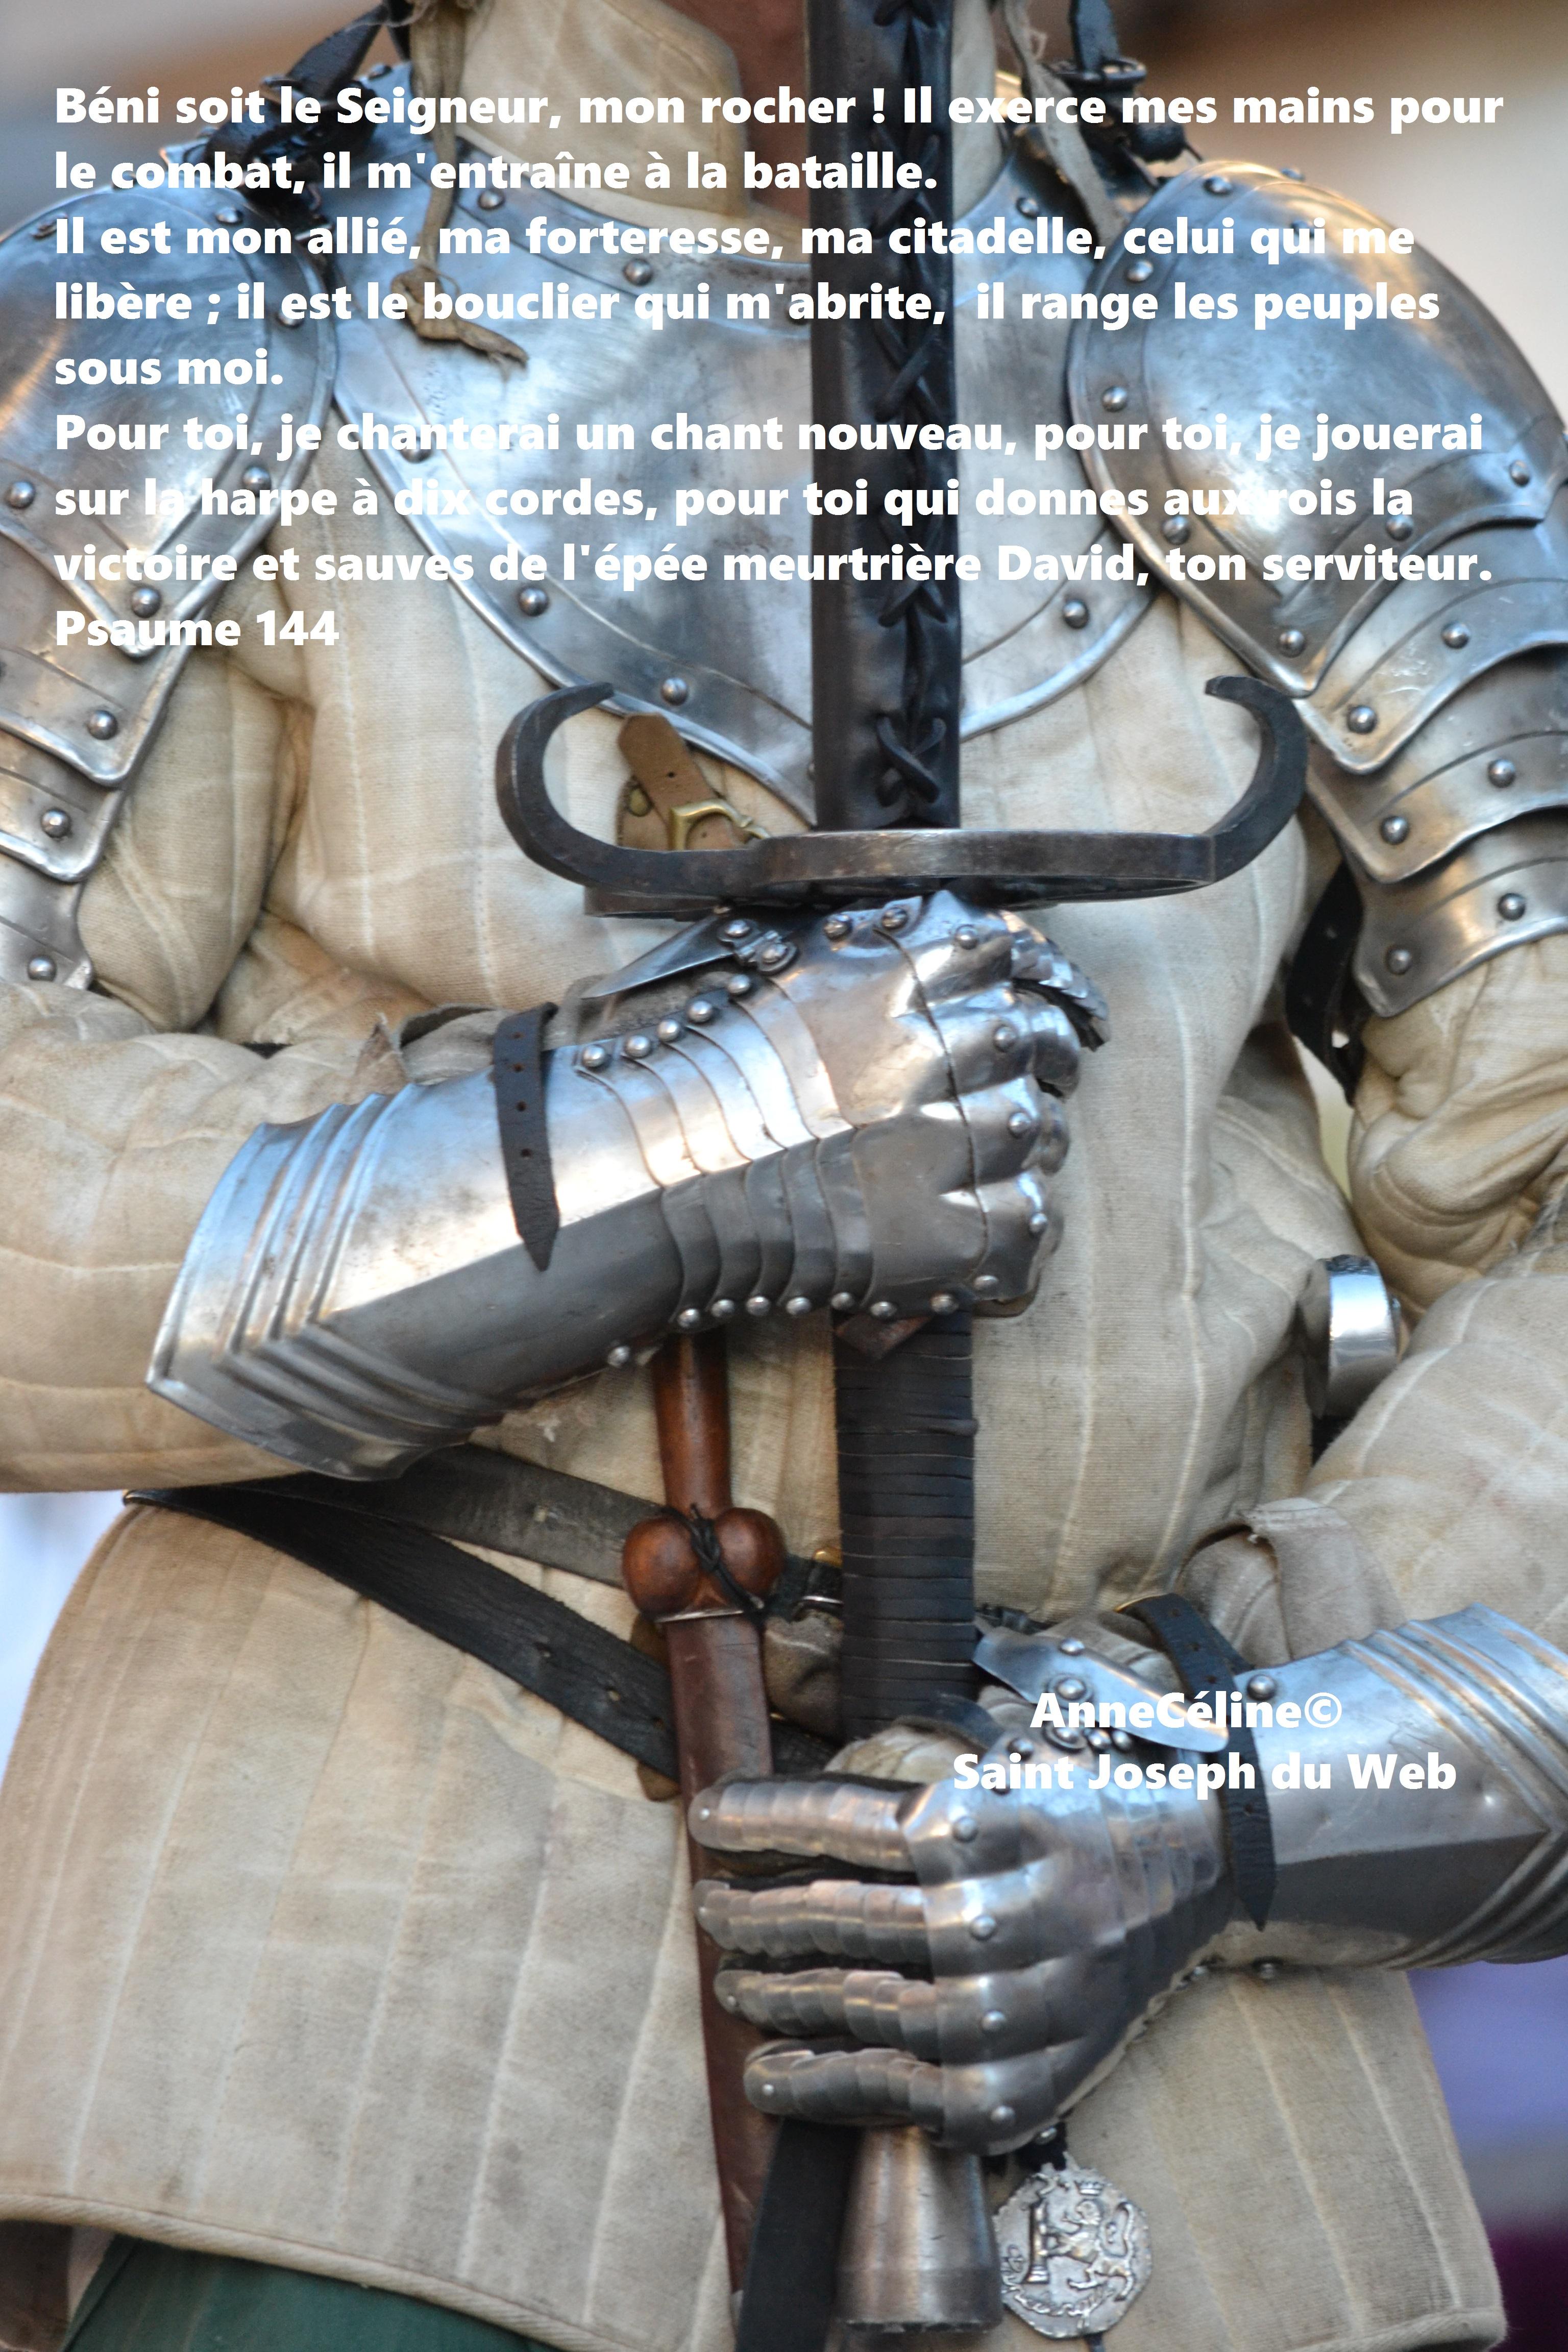 Images protégées de droit. Merci de toujours mentionner le site source Saint Joseph du Web!